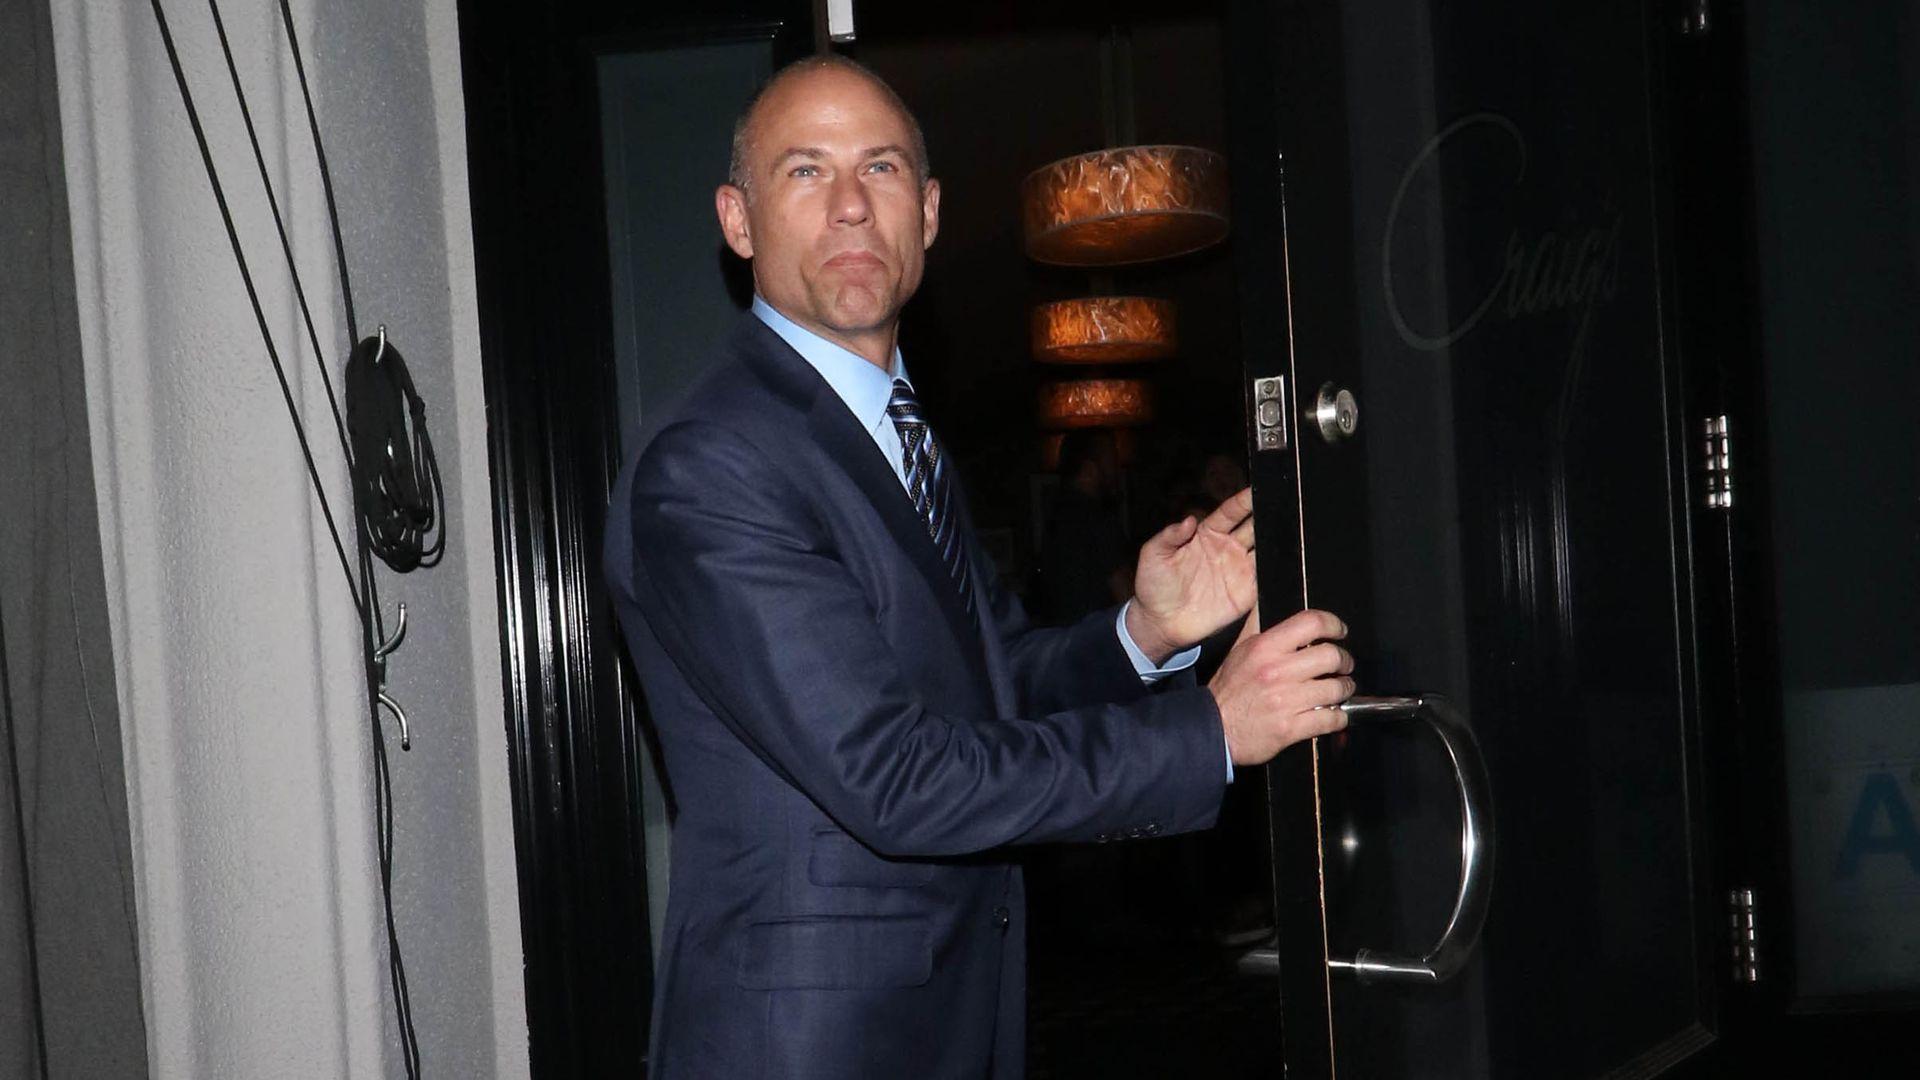 Michael Avenatti stands in a doorway holding a door open